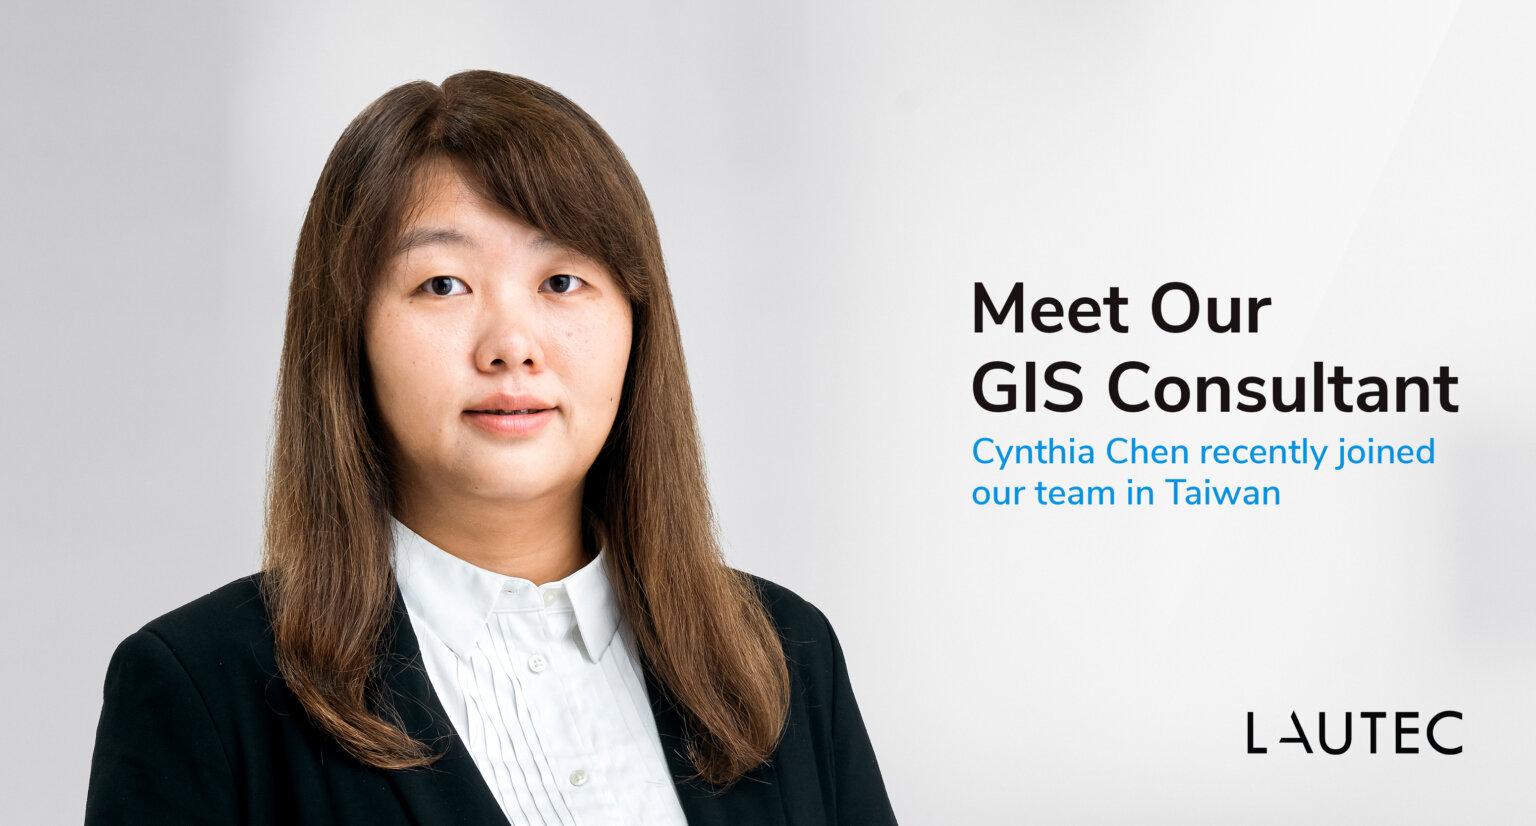 Cynthia Chen GIS Consultant